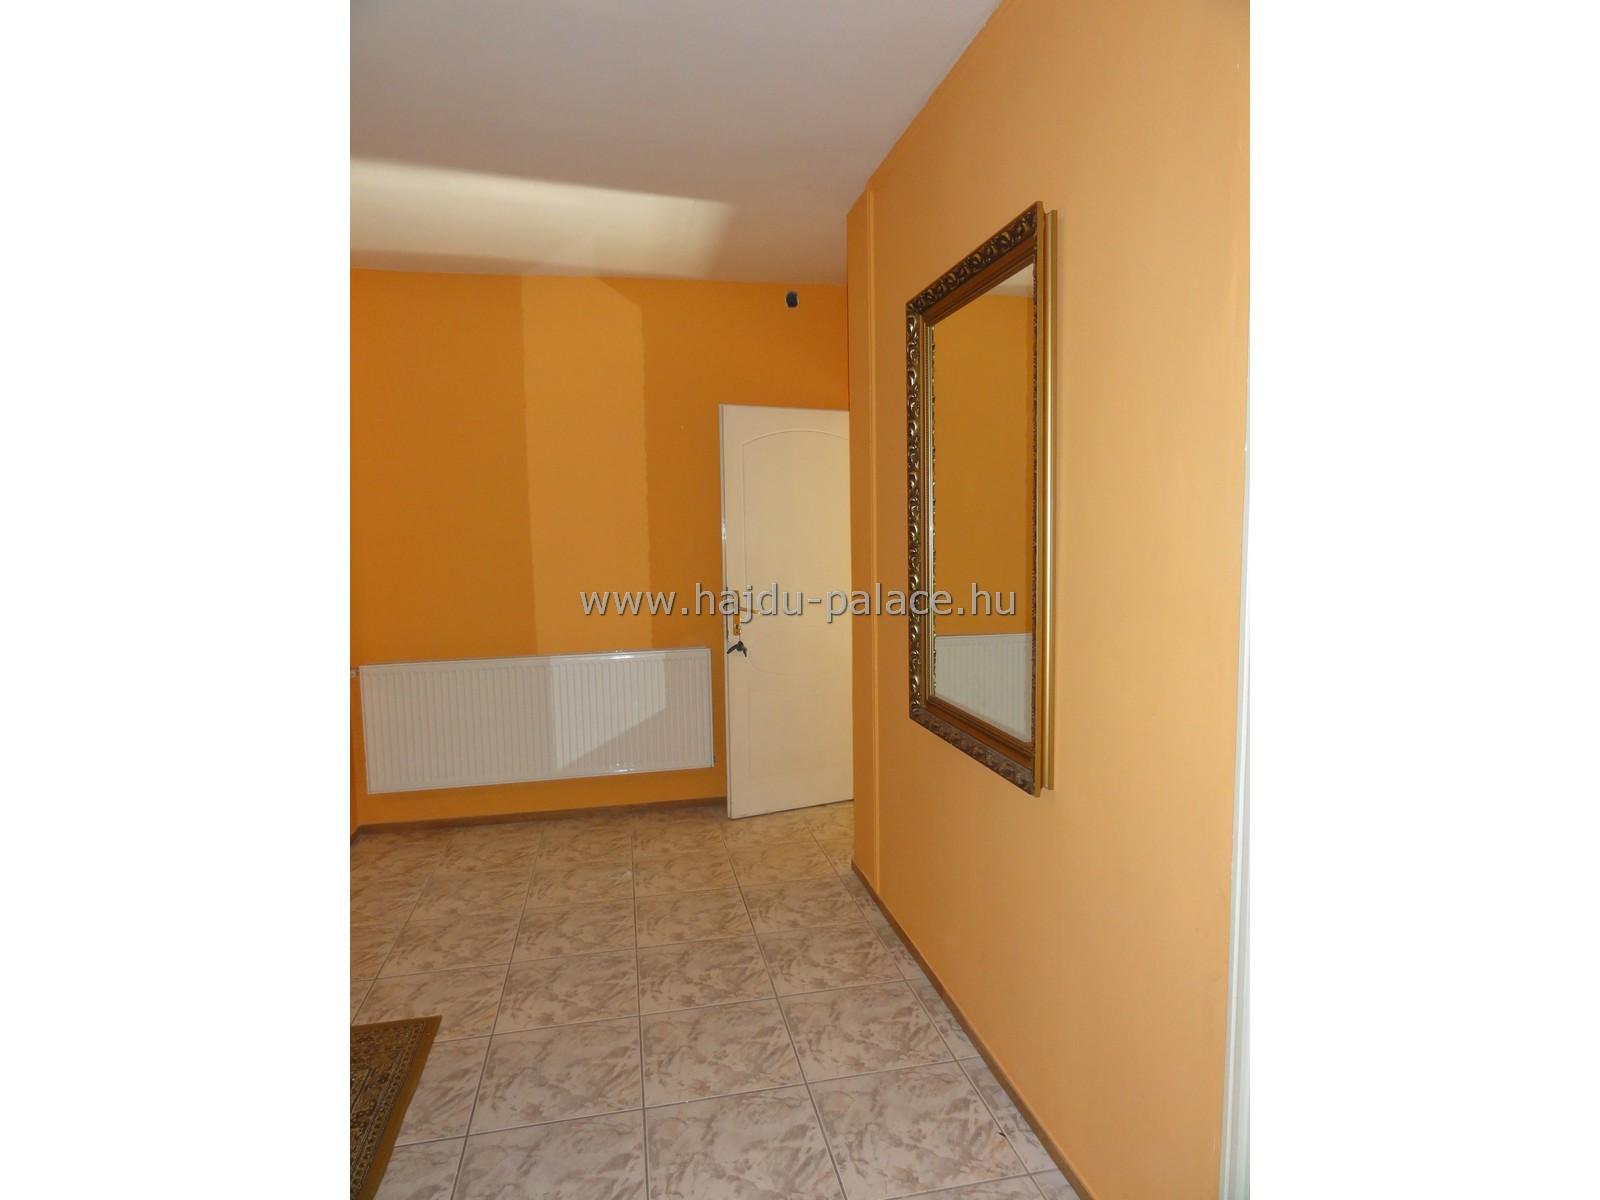 Hajdúszoboszlón eladó 3 szintes, 600 m2 vendégház frekventált üdülőövezeti részen